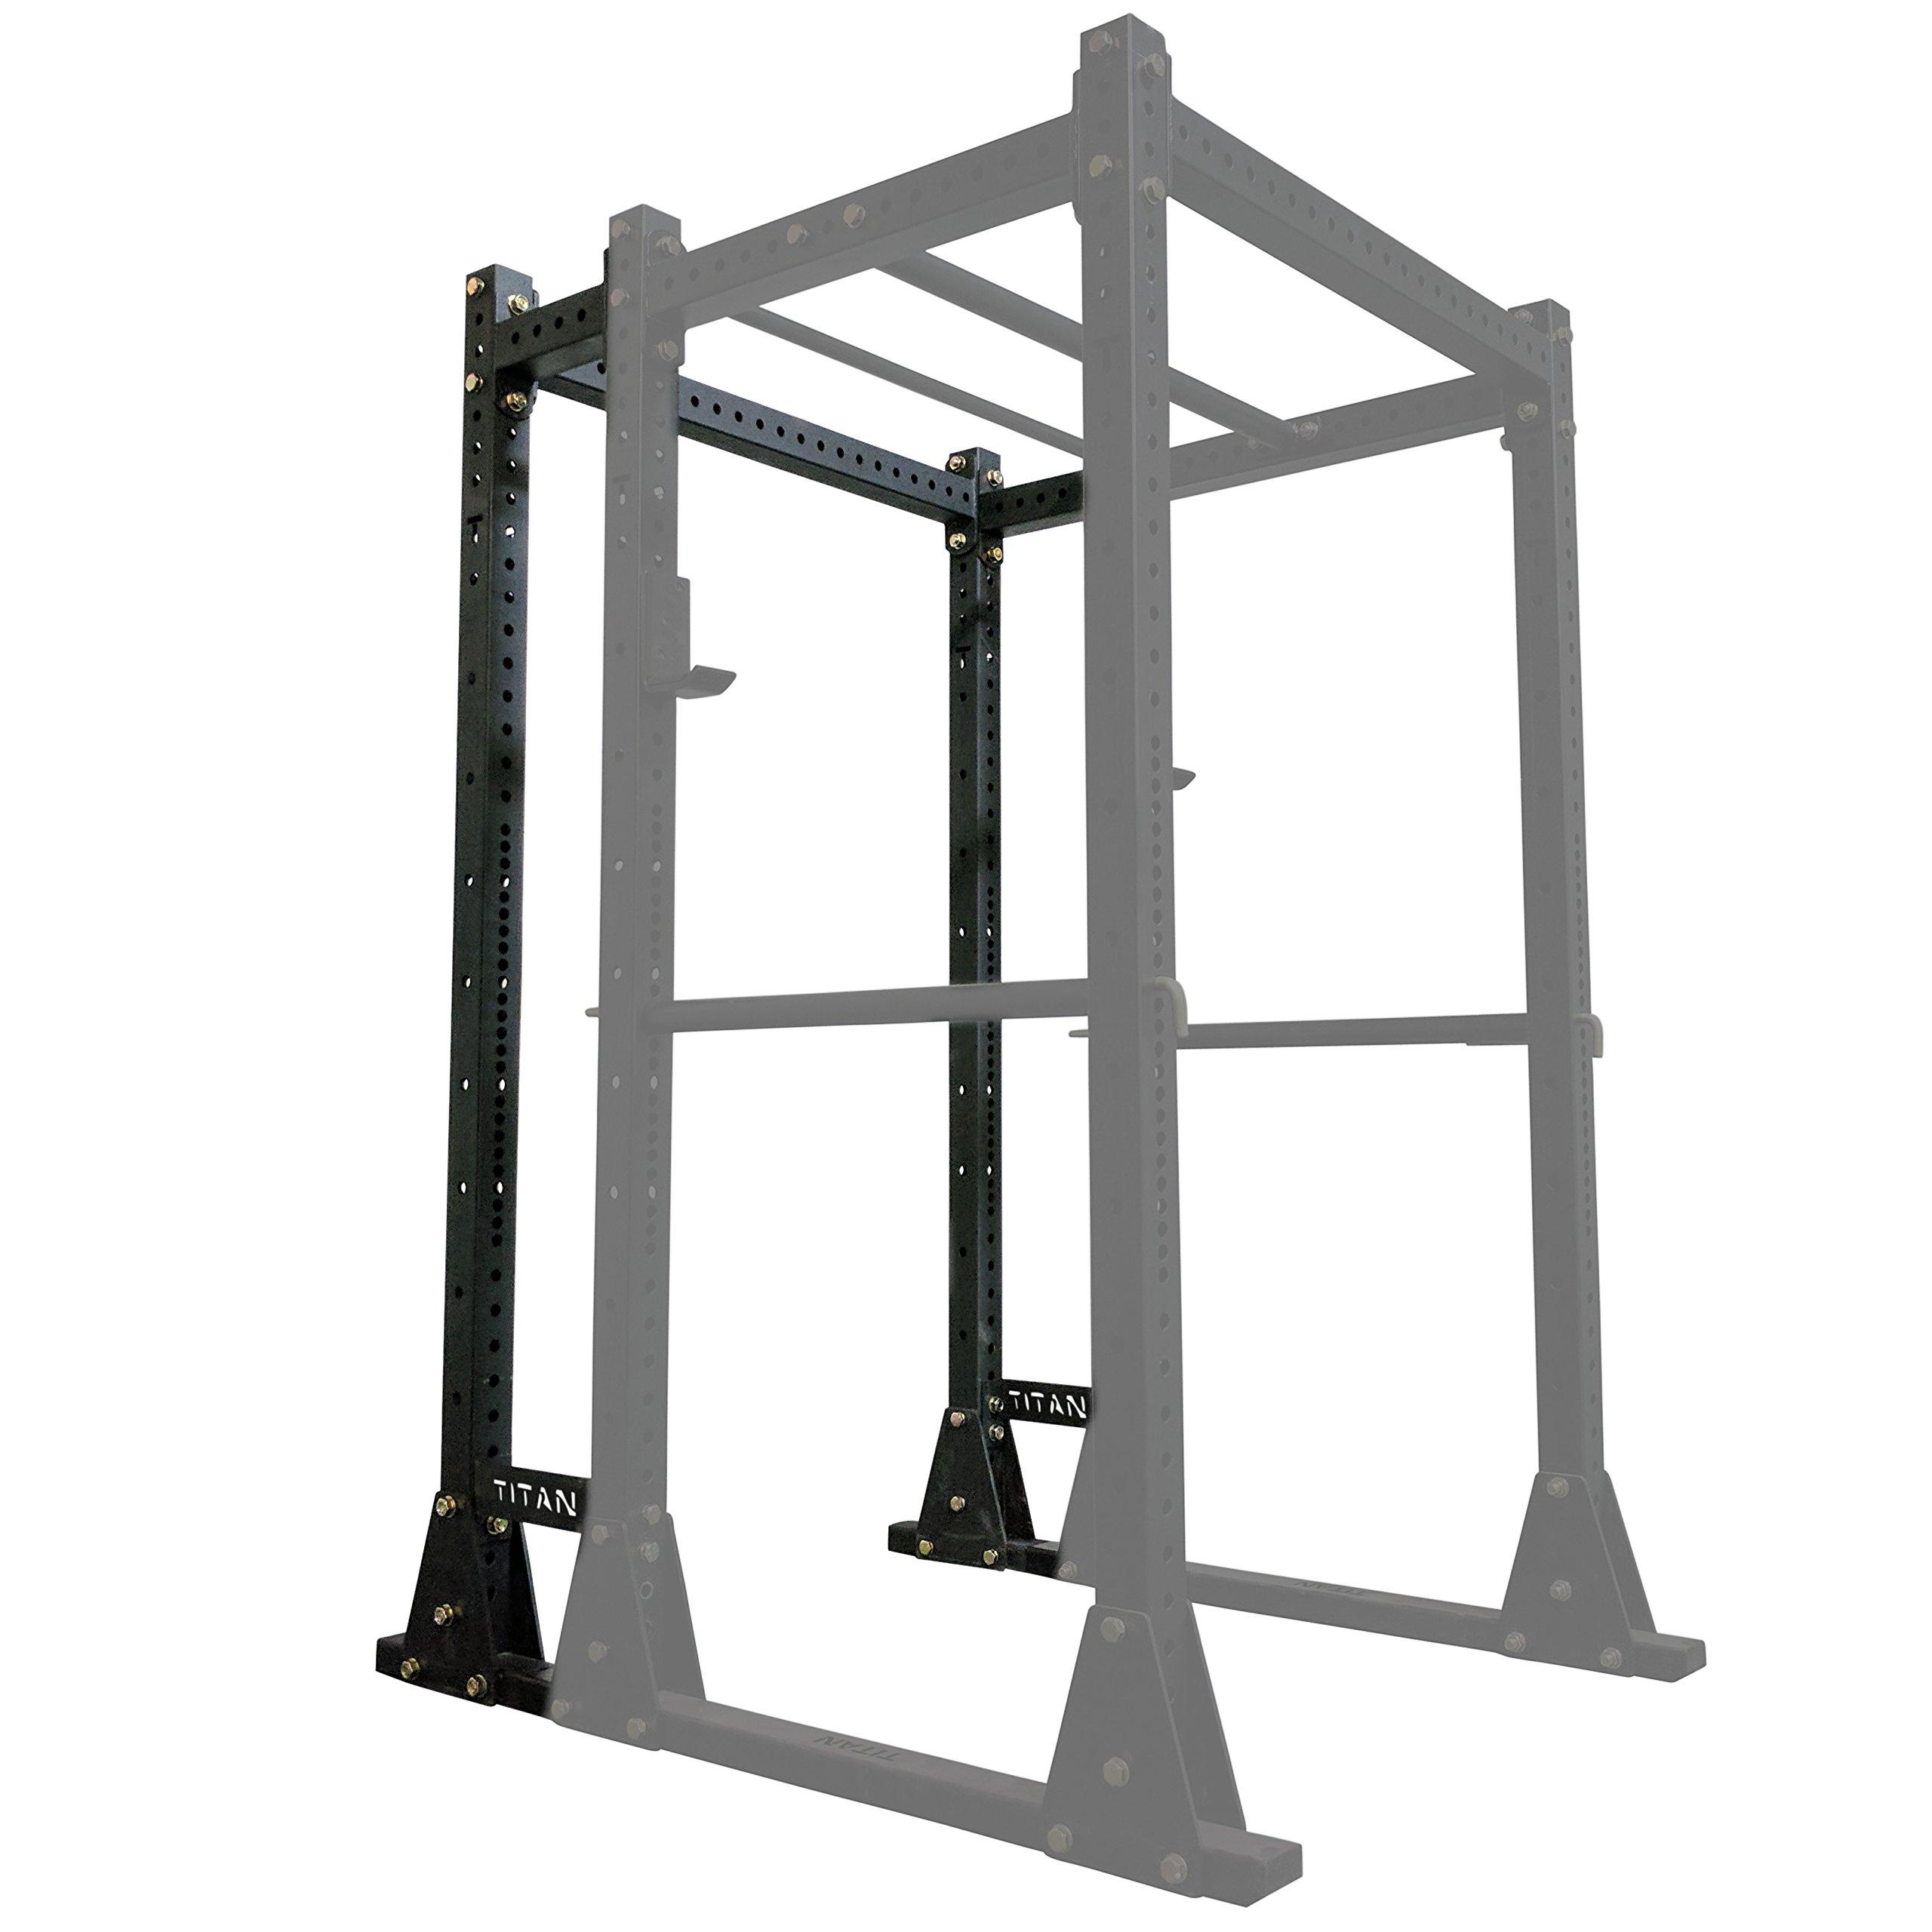 10'' Extension Kit for X-3 Short Power Rack